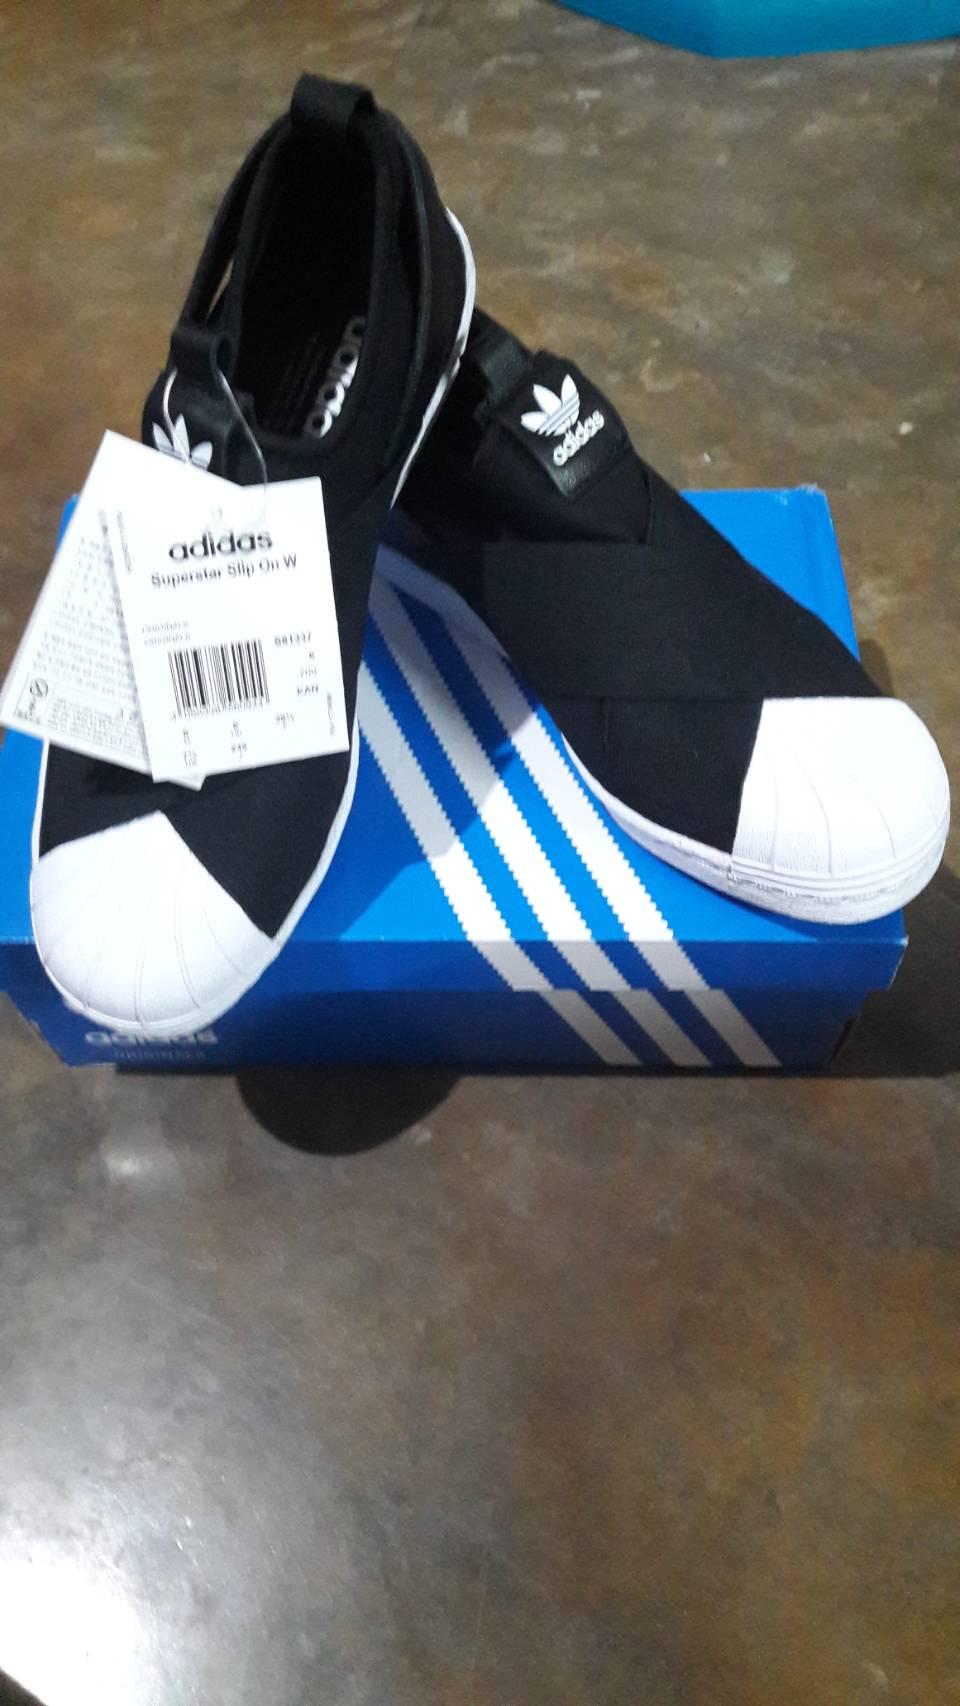 new product c6130 93248 เช็ค adidas slip on แท้ไหมค่ะ - Pantip